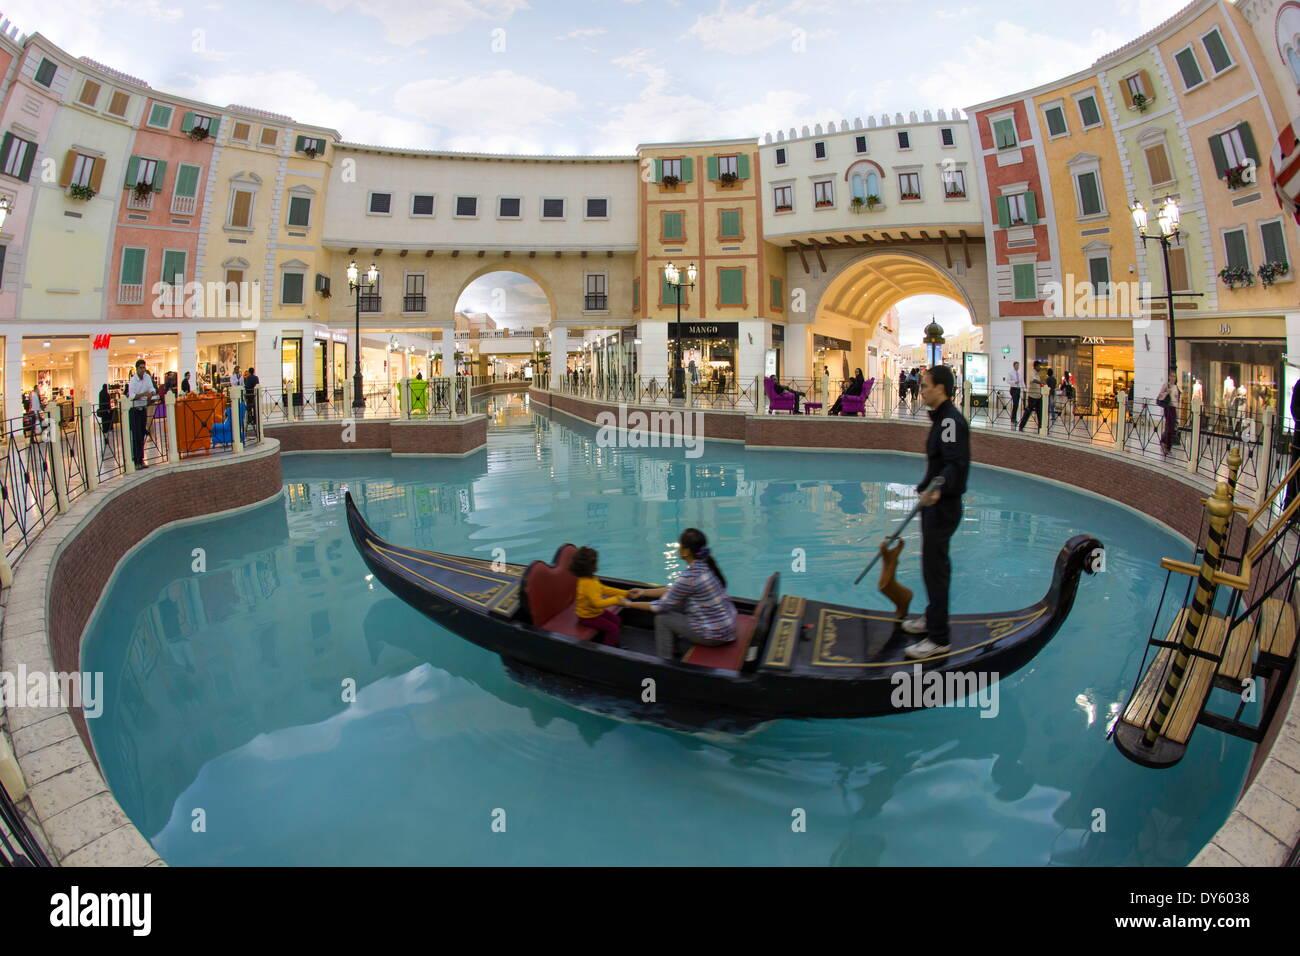 Interno, Villaggio Mall, Doha, Qatar, Medio Oriente Immagini Stock